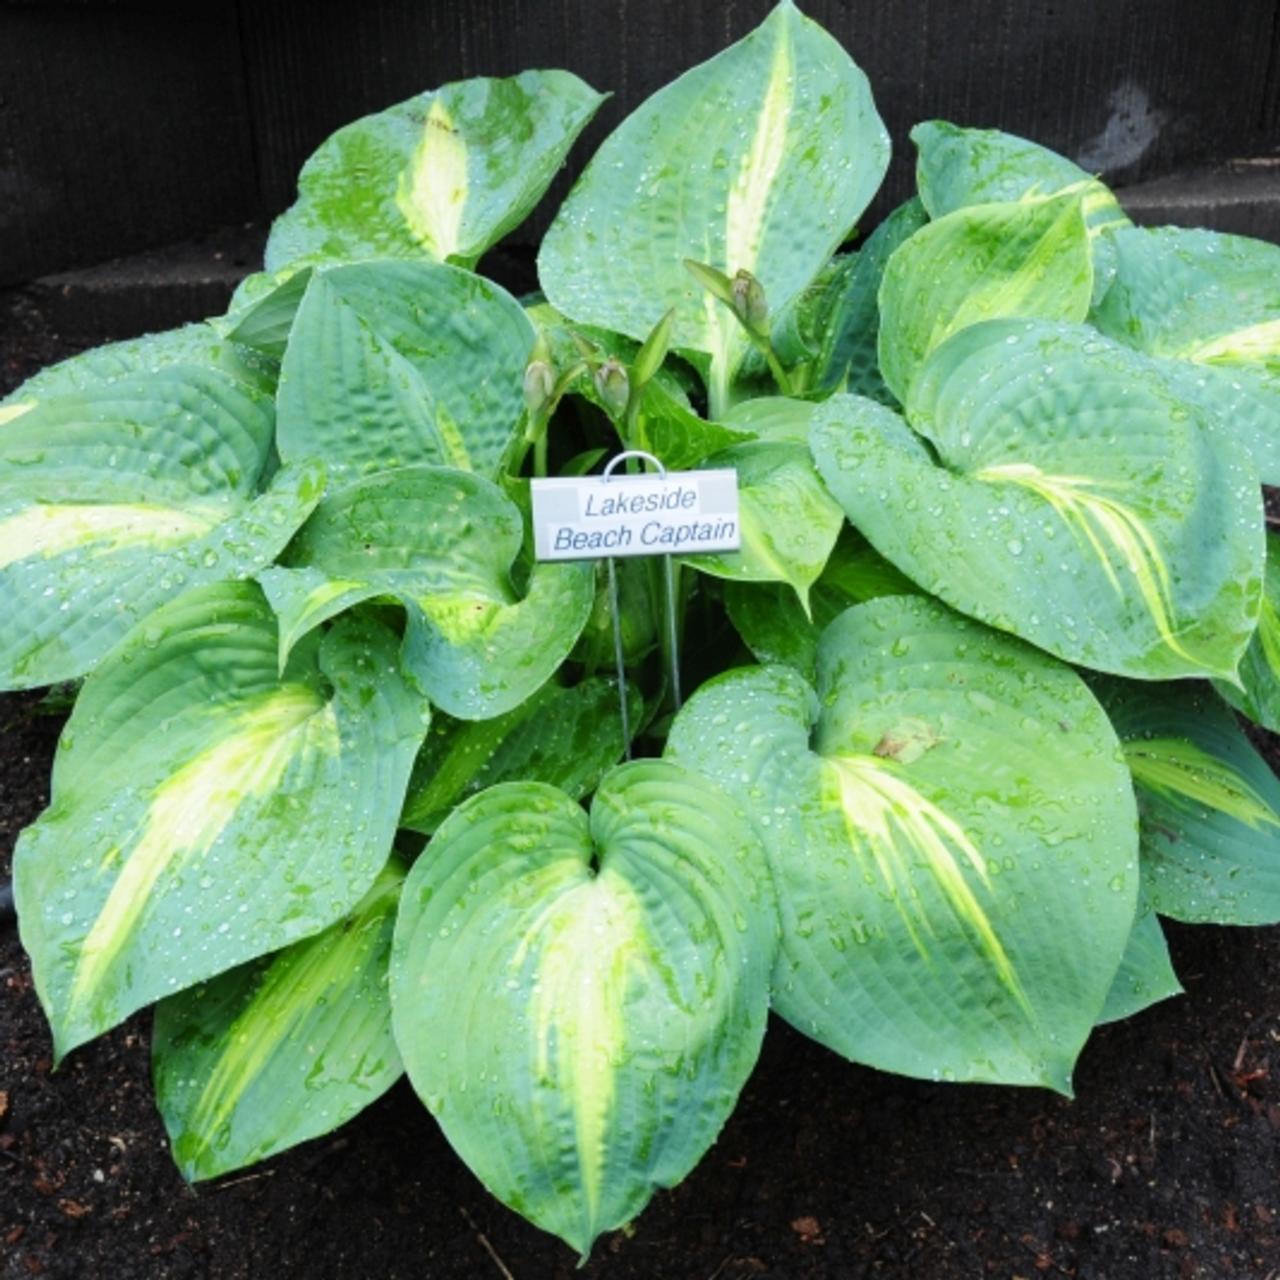 Hosta 'Lakeside Beach Captain' plant